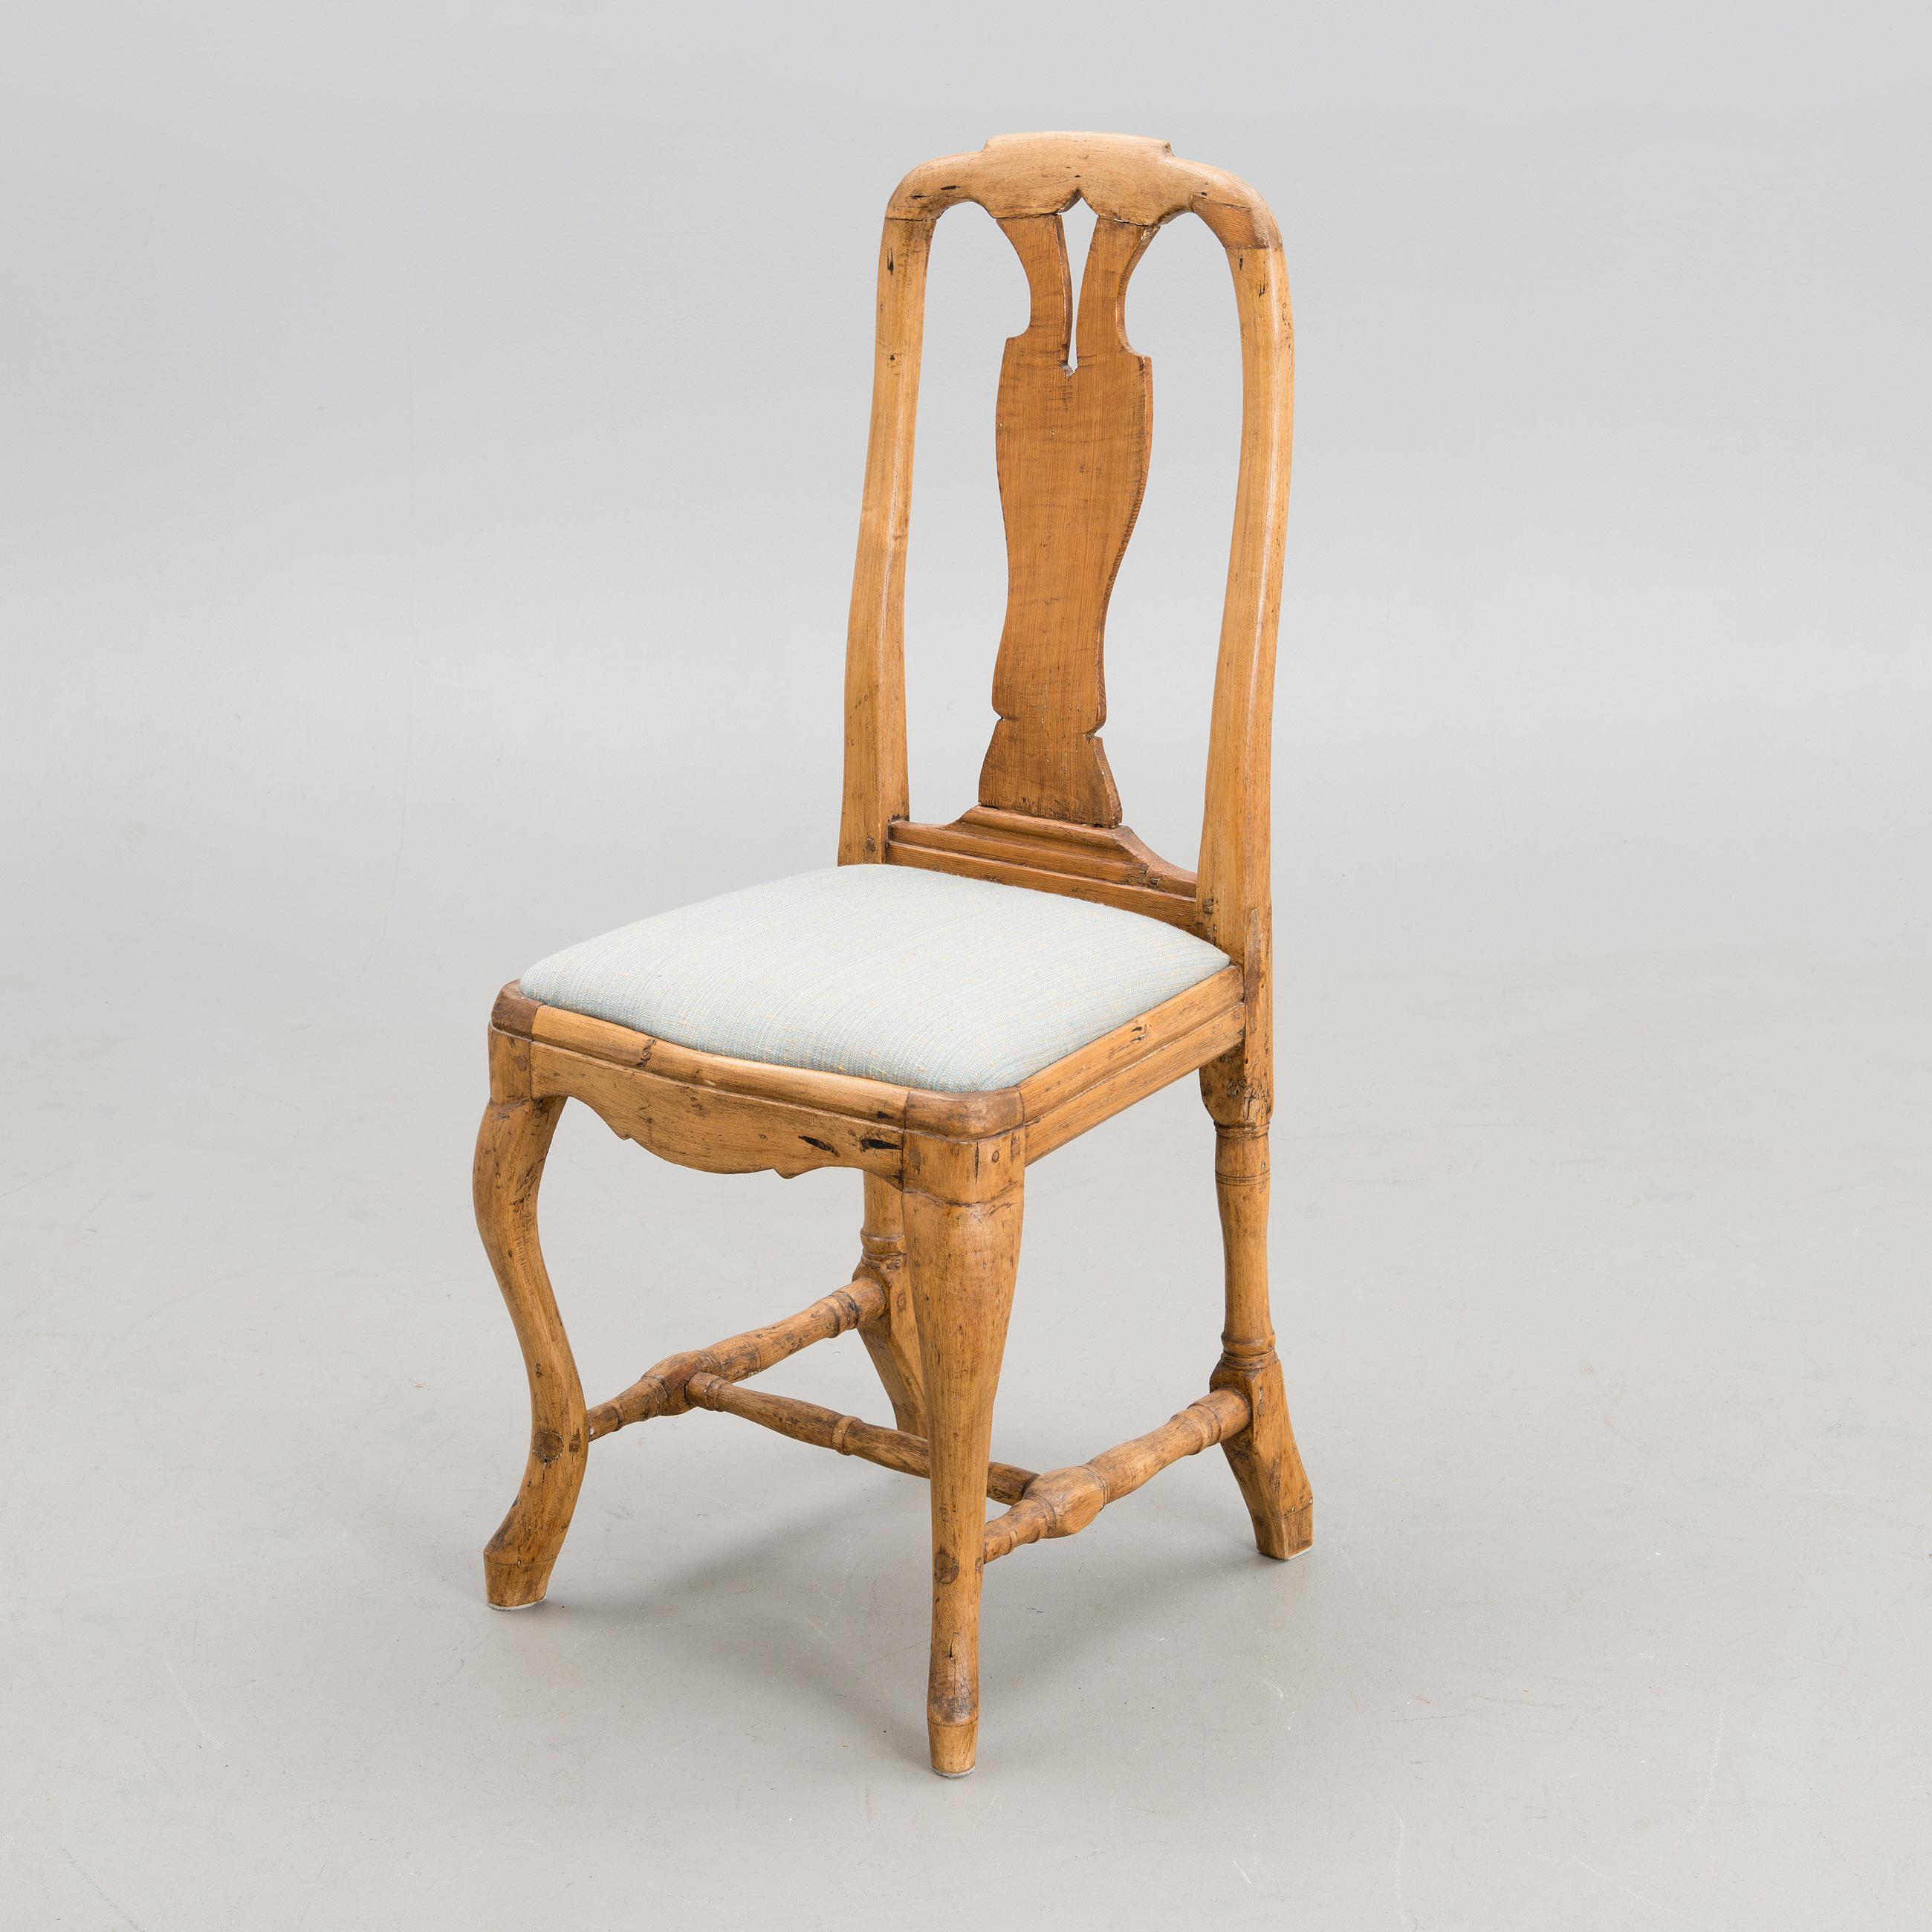 An 18th century Rococo chair Bukowskis